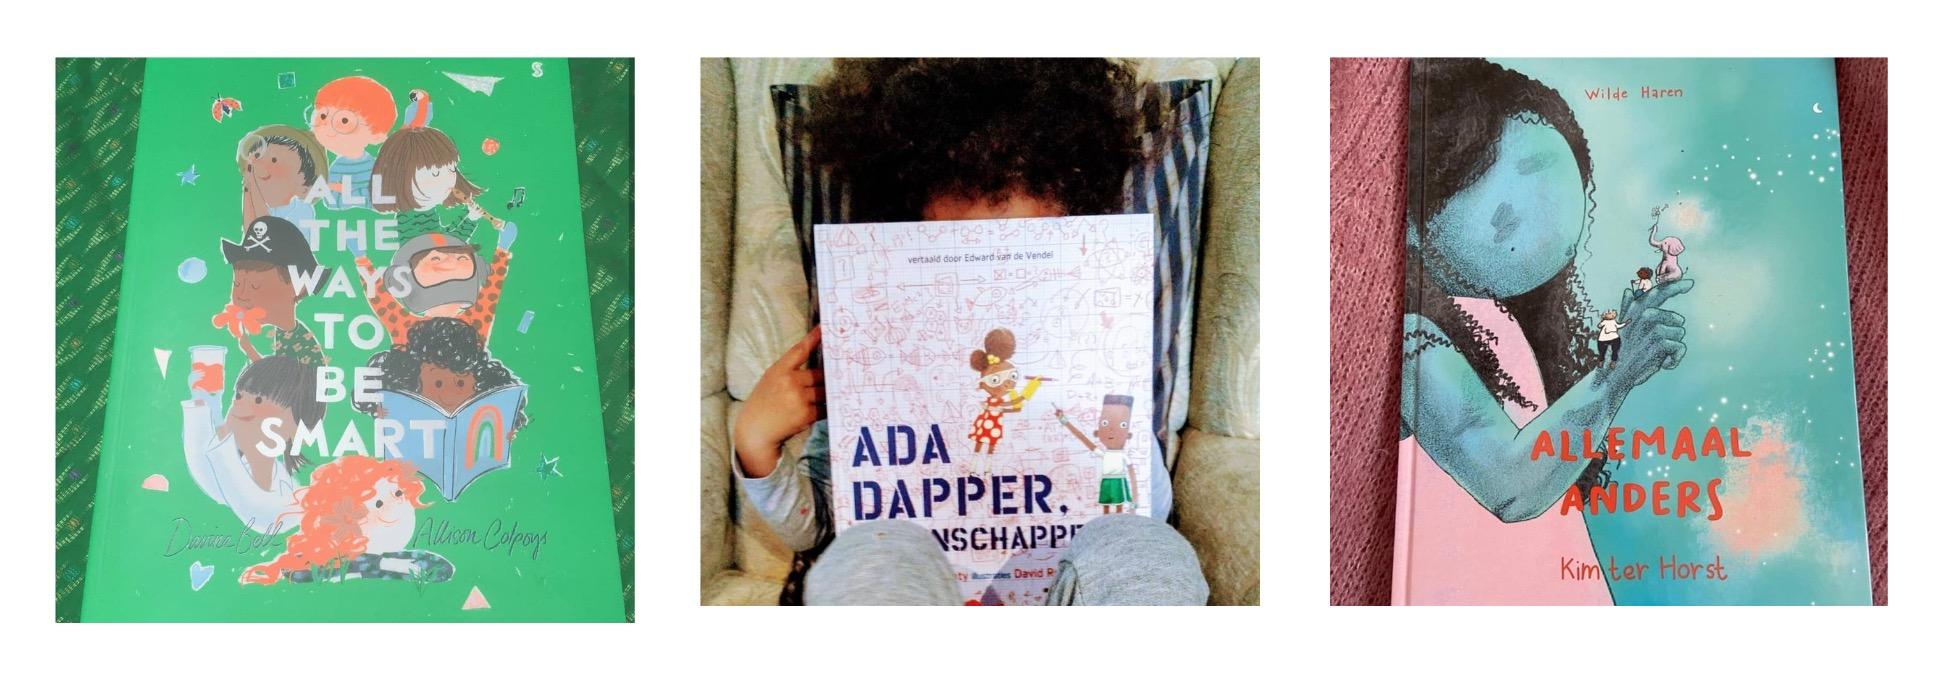 Boeken over diversiteit voor kinderen